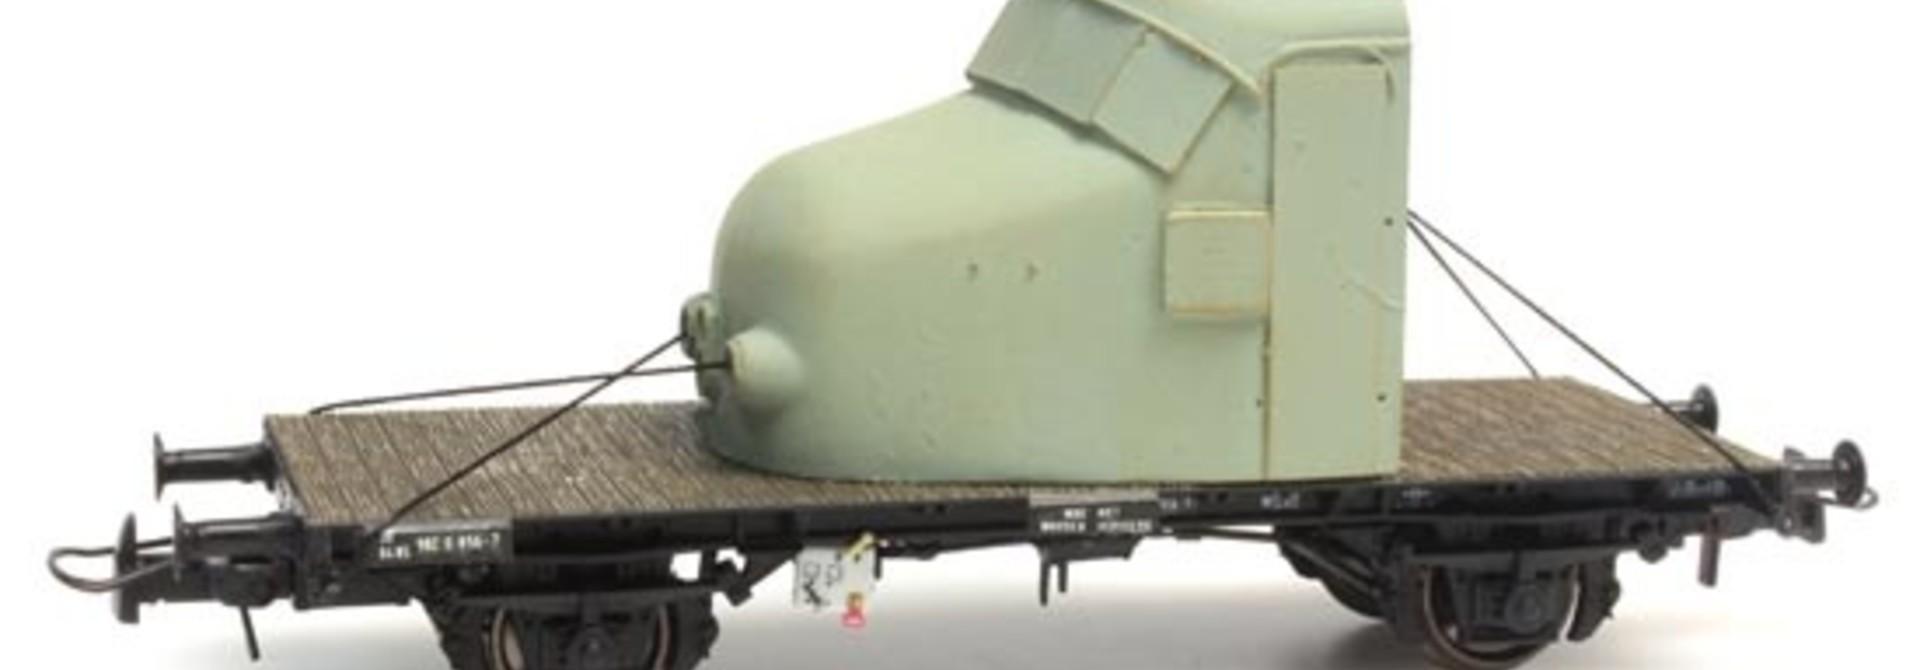 """20.316.02 Werkwagen 30 84 982 0 856-7 neus """"Hondekop"""""""